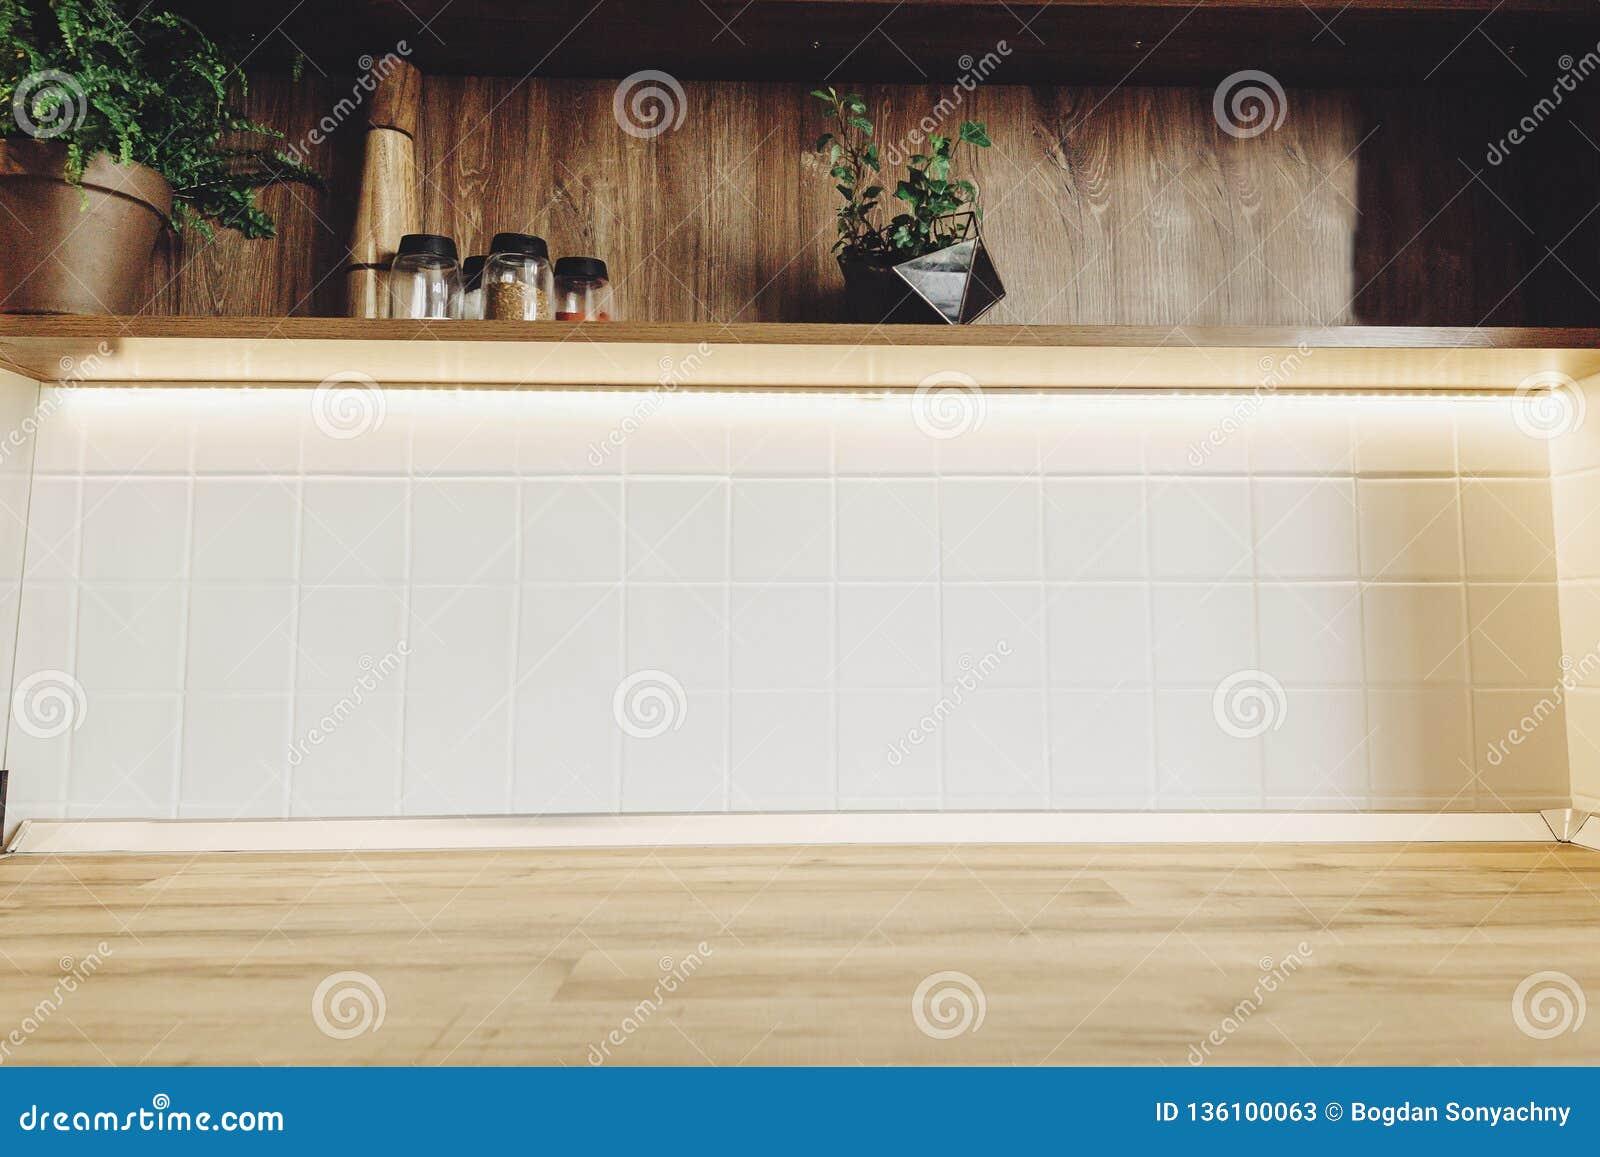 Interior Design Alla Moda Della Cucina Mobilia Moderna Di ...